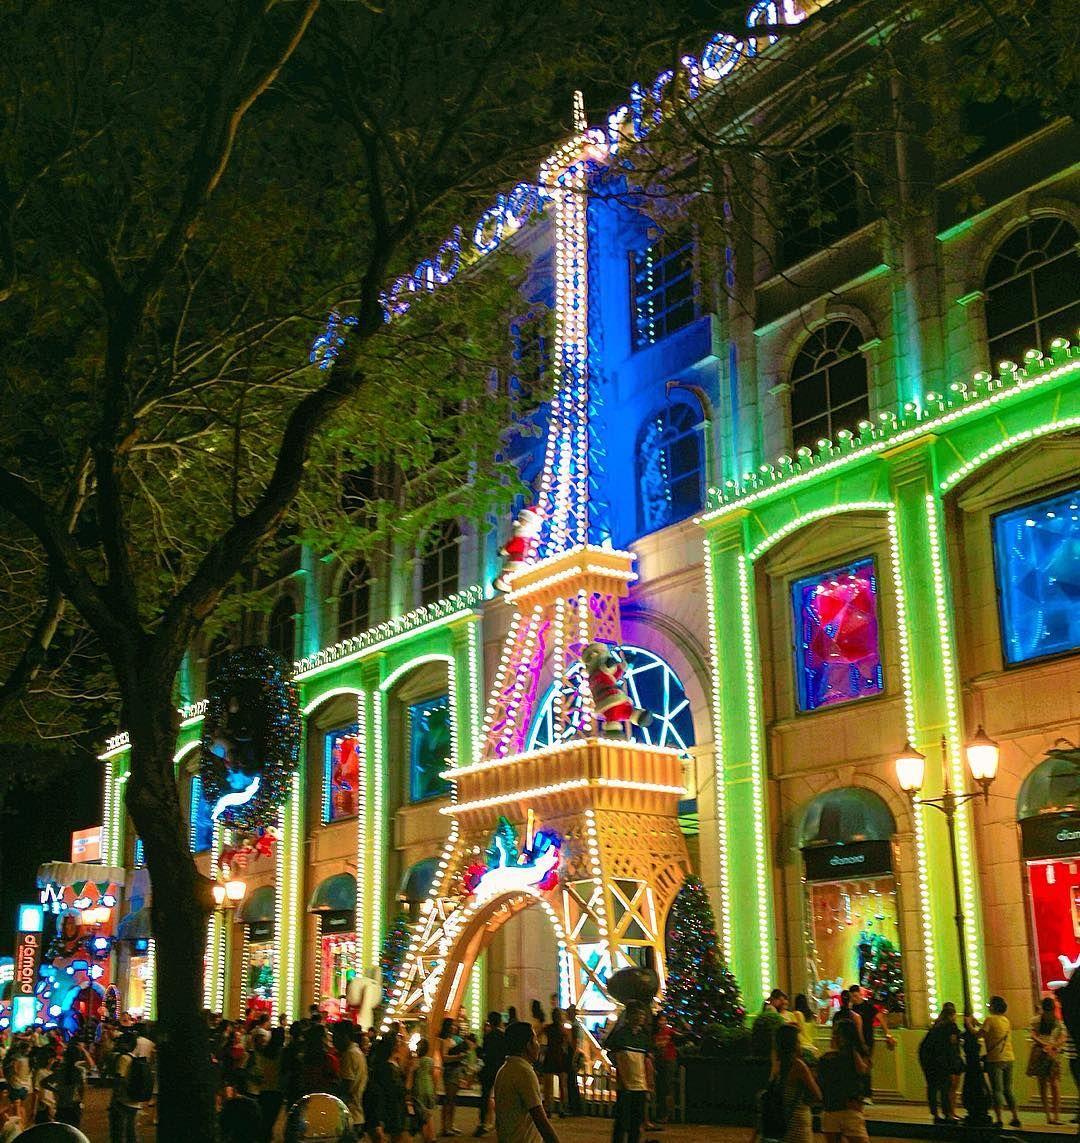 noel 2018 hcm HCM) Set kèo check in gấp 4 địa điểm trang trí Noel đẹp lồng lộng  noel 2018 hcm